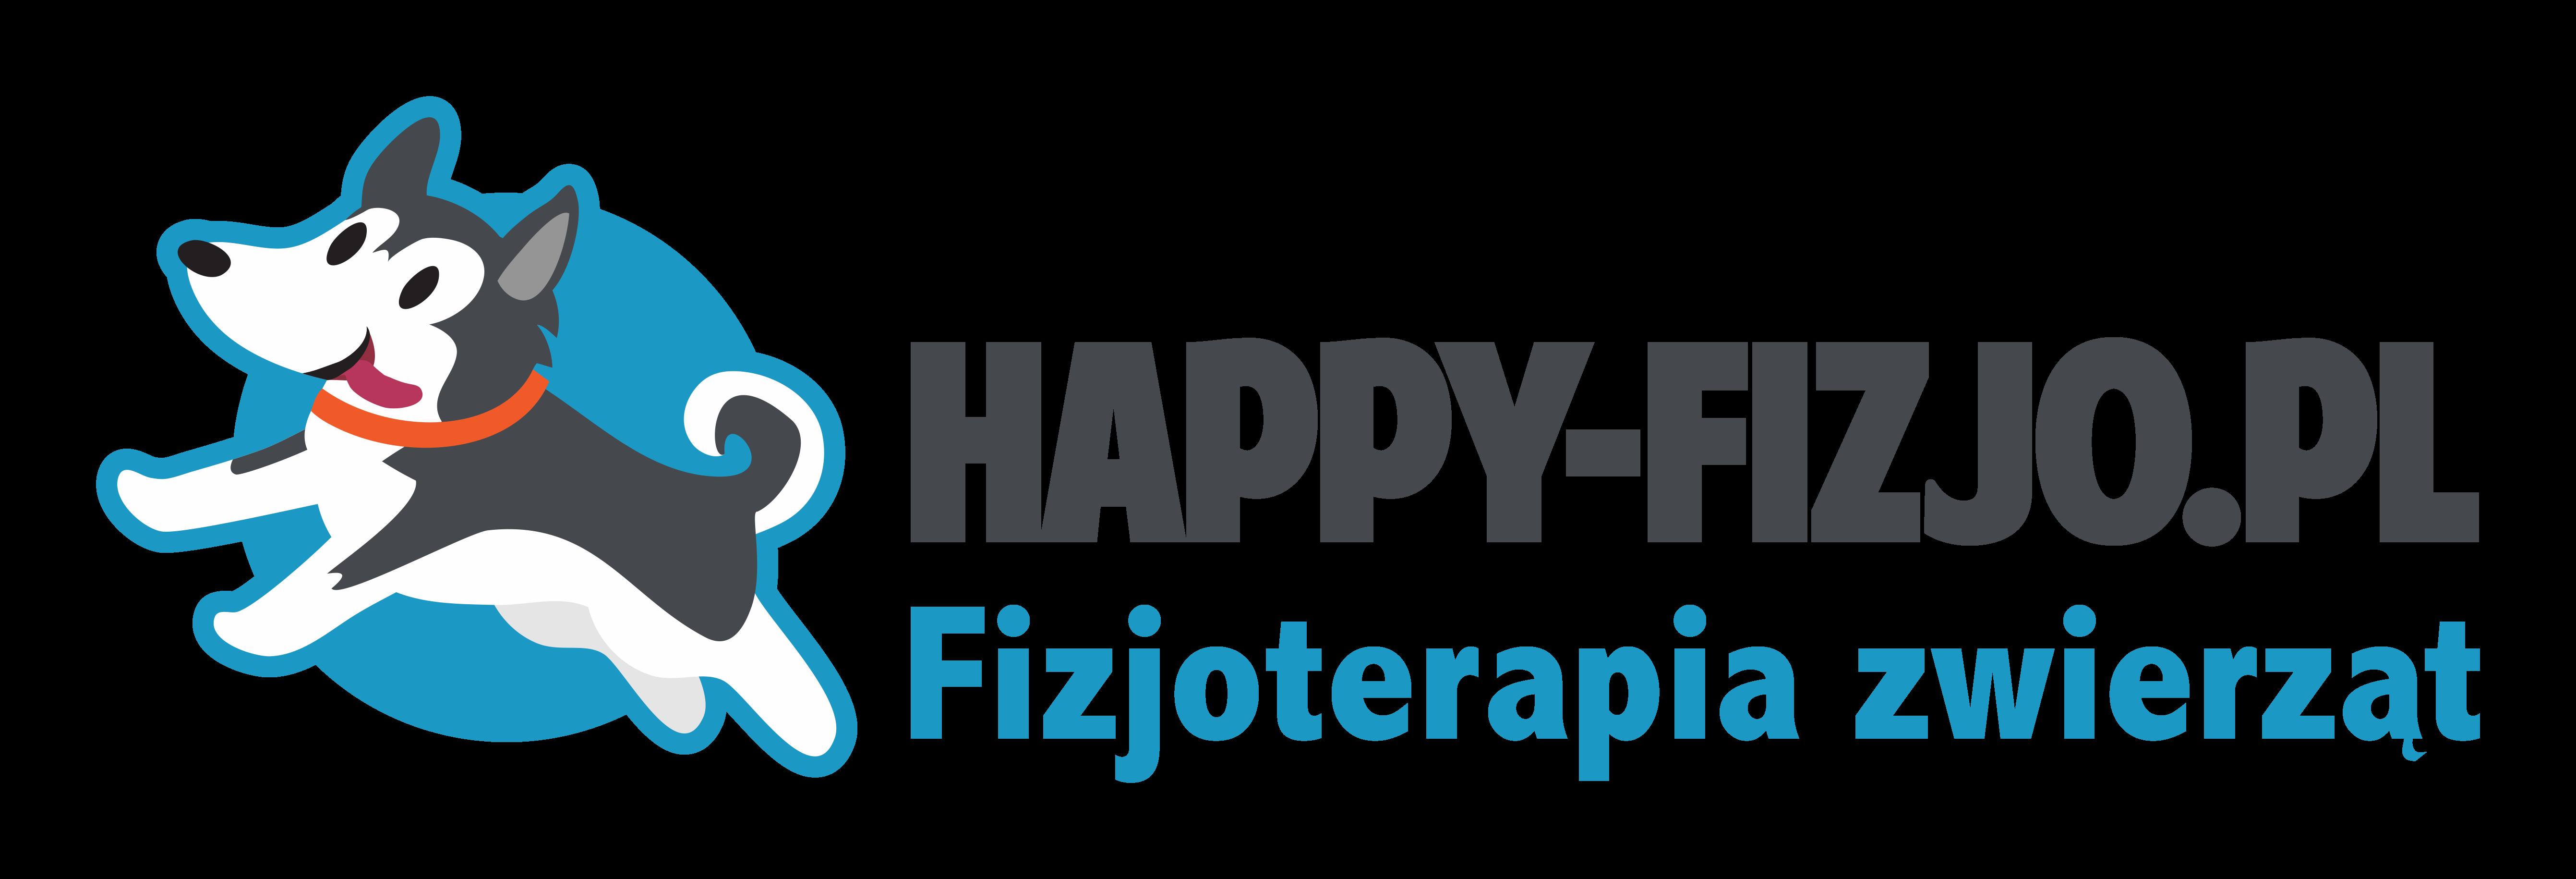 Happy-Fizjo